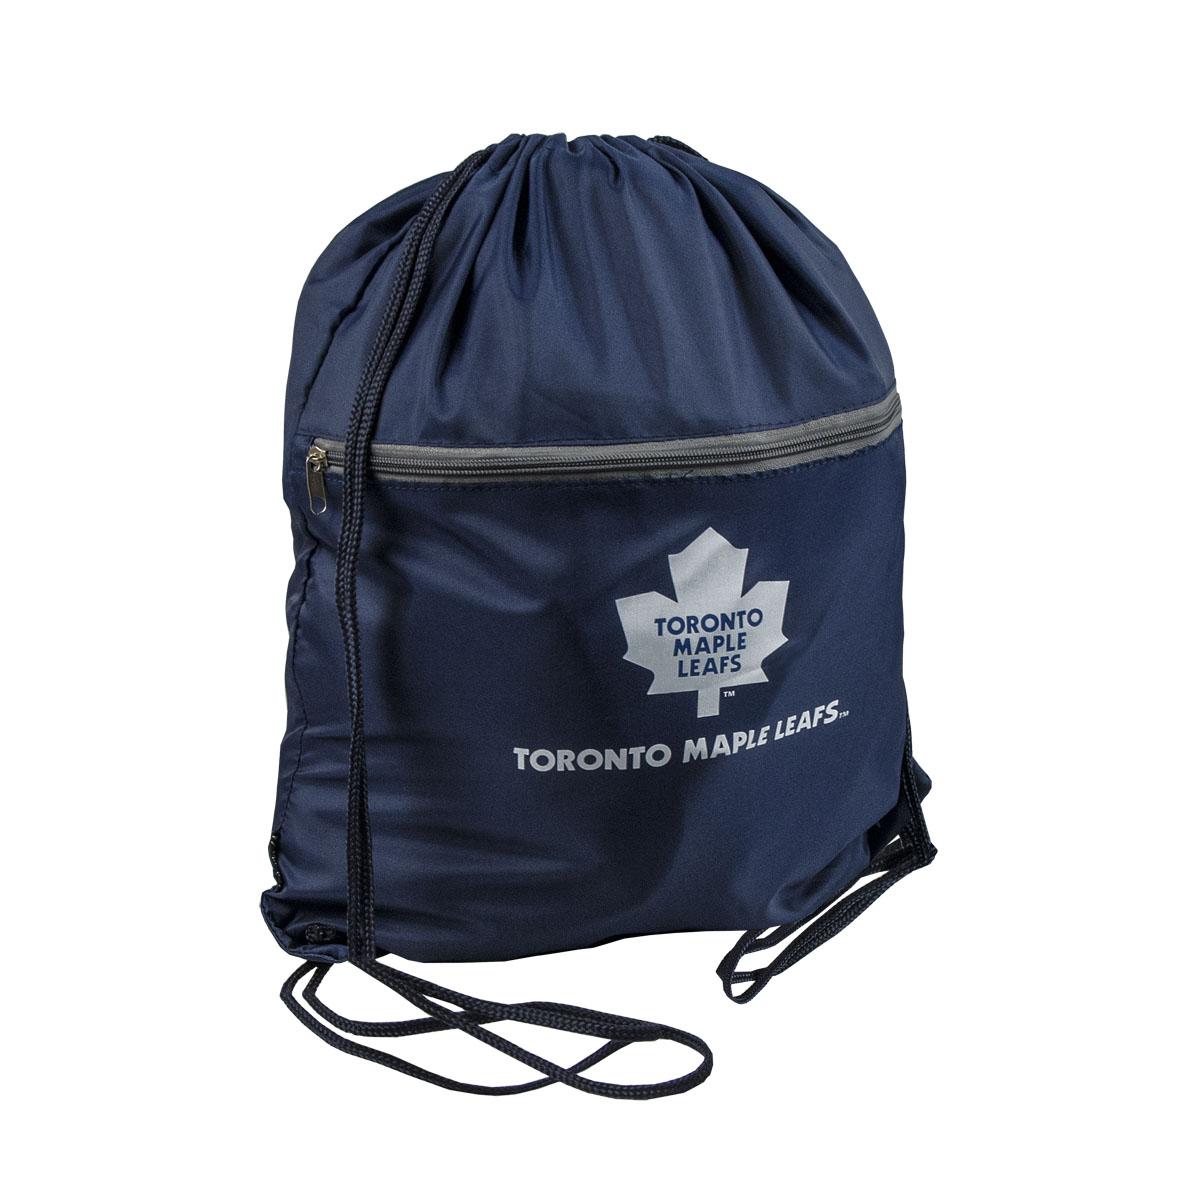 Мешок на шнурке NHL Maple Leafs, цвет: синий, 15 л29058Мешок на шнурке NHL Maple Leafs выполнен из 100% полиэстера. Он выполняет функции рюкзака, благодаря плечевым лямкам, которые надежно фиксируют изделие у его верхнего основания. Мешок имеет 2 отделения, одно из которых закрывается на молнию. Украшен эмблемой хоккейной команды Maple Leafs.